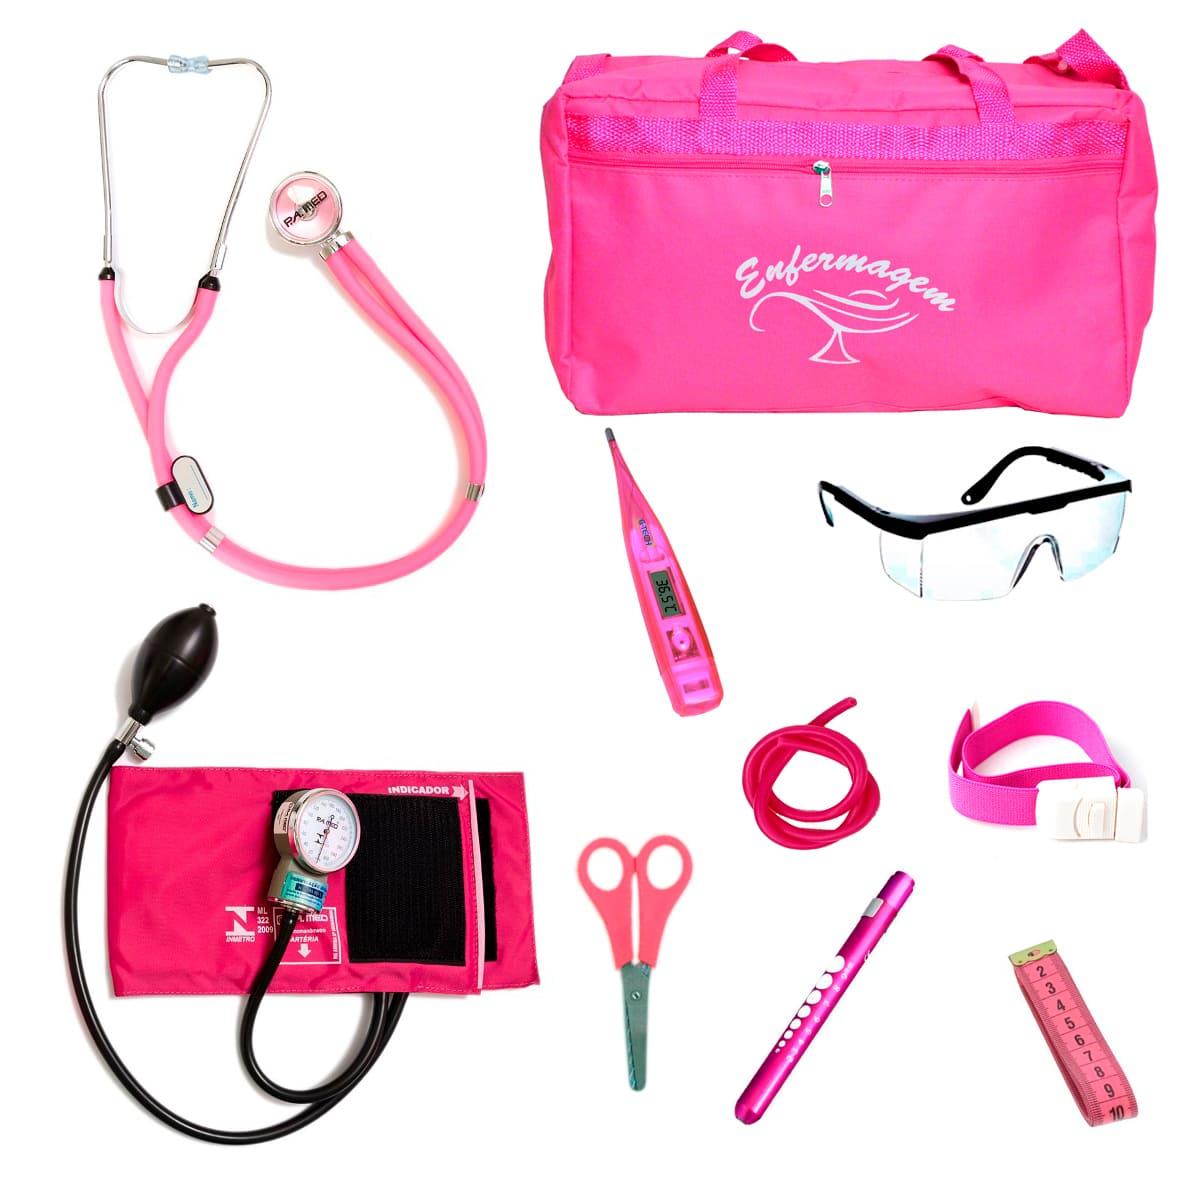 Kit Enfermagem mod.18 Aparelho de Pressão P.A.MED Cor:Pink Bolsa:Tipo 2